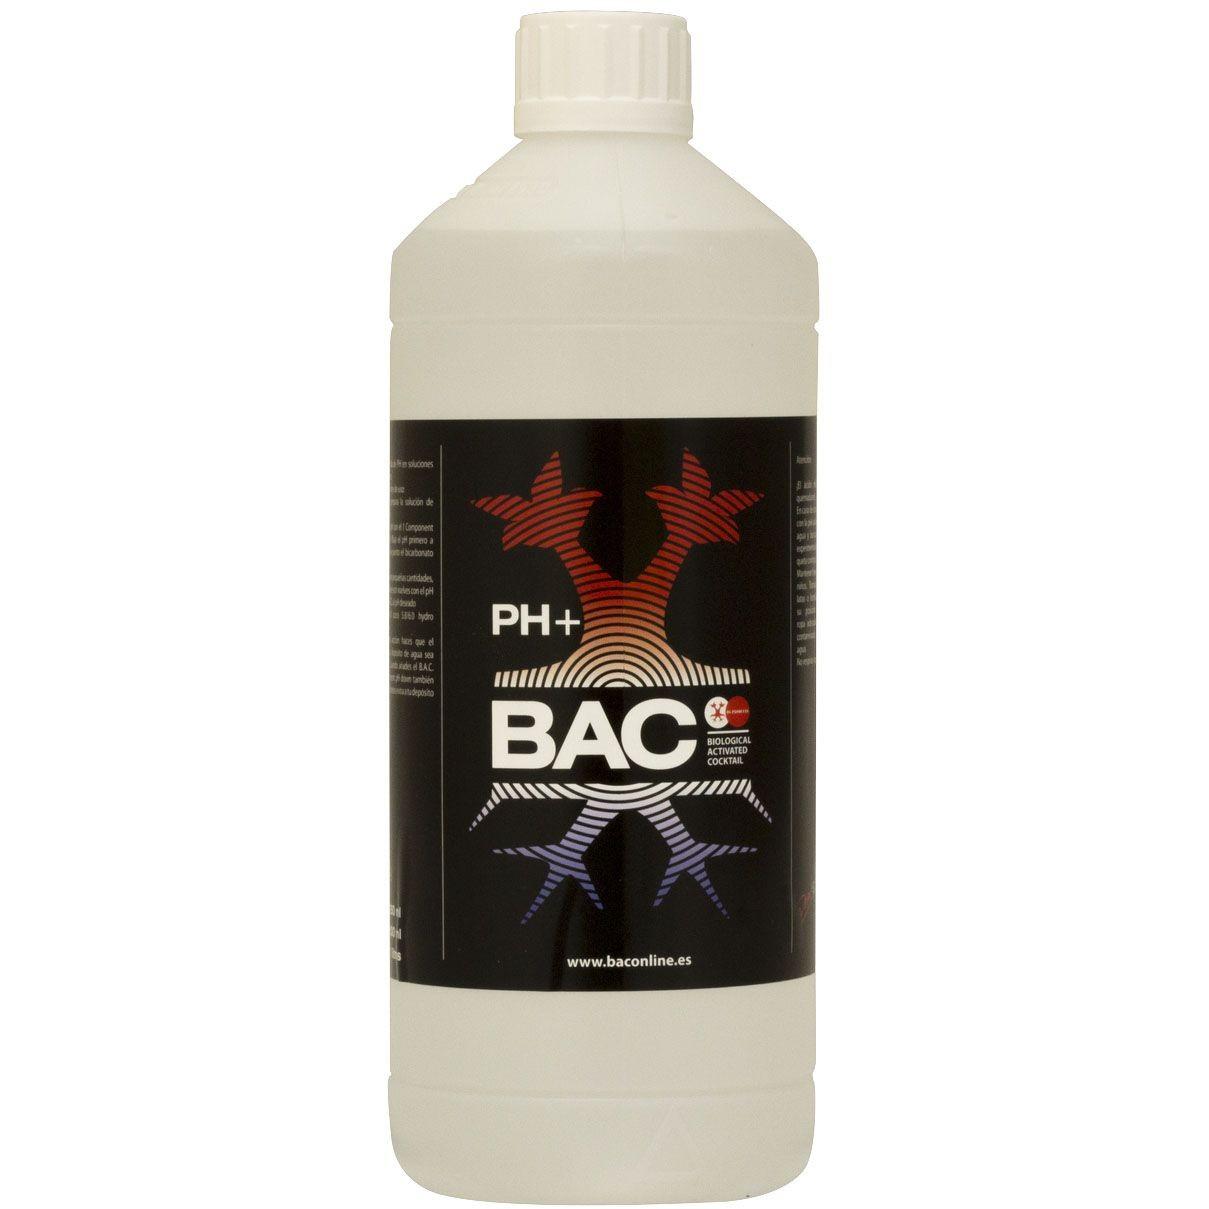 Ph+ Bac